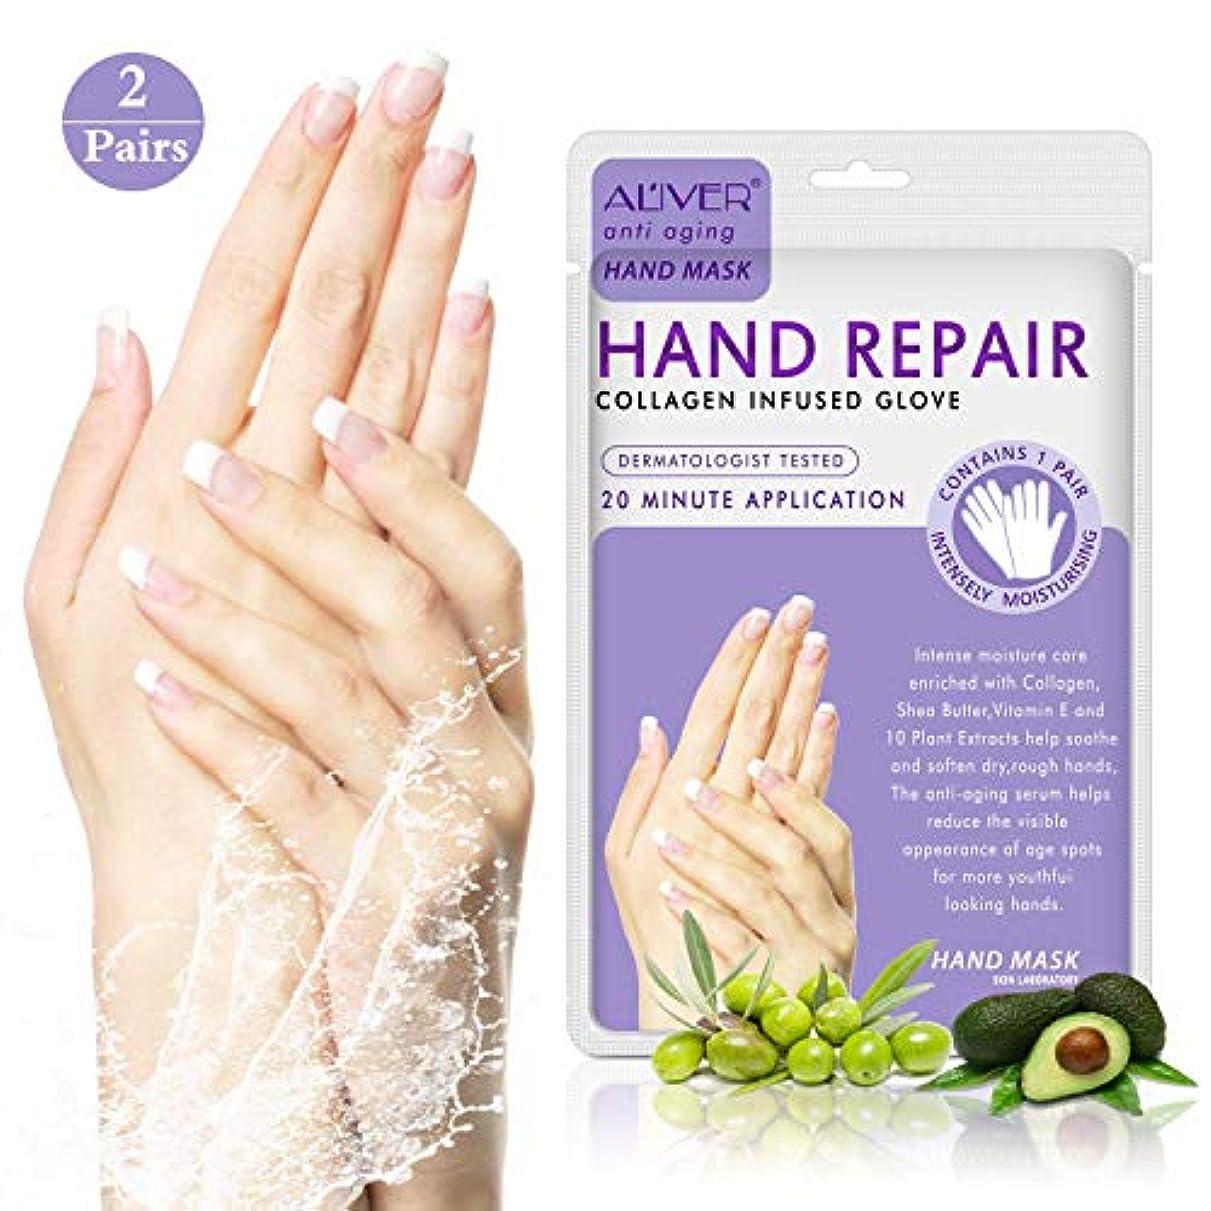 調和のとれたタップ世界的に2パックの保湿手袋、ハンドケア、ひびの治療、保湿ハンドマスク、男女の肌荒れを修復します。